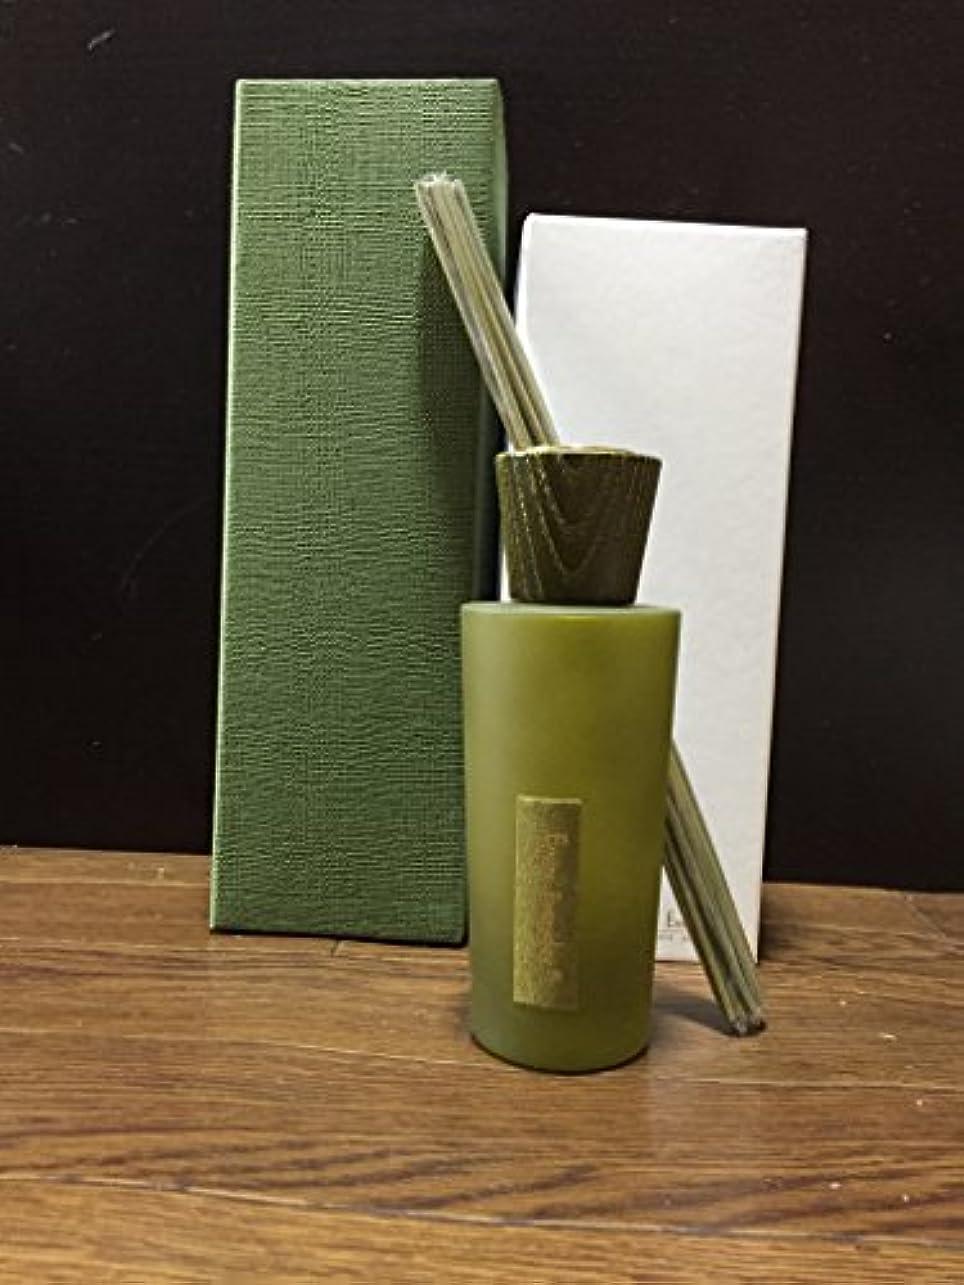 ボックス緑黒板40%OFF!【Branch of Aroma】100%天然アロマスティックディフューザー-9種の香り- (200ml) (爽やかHerb)